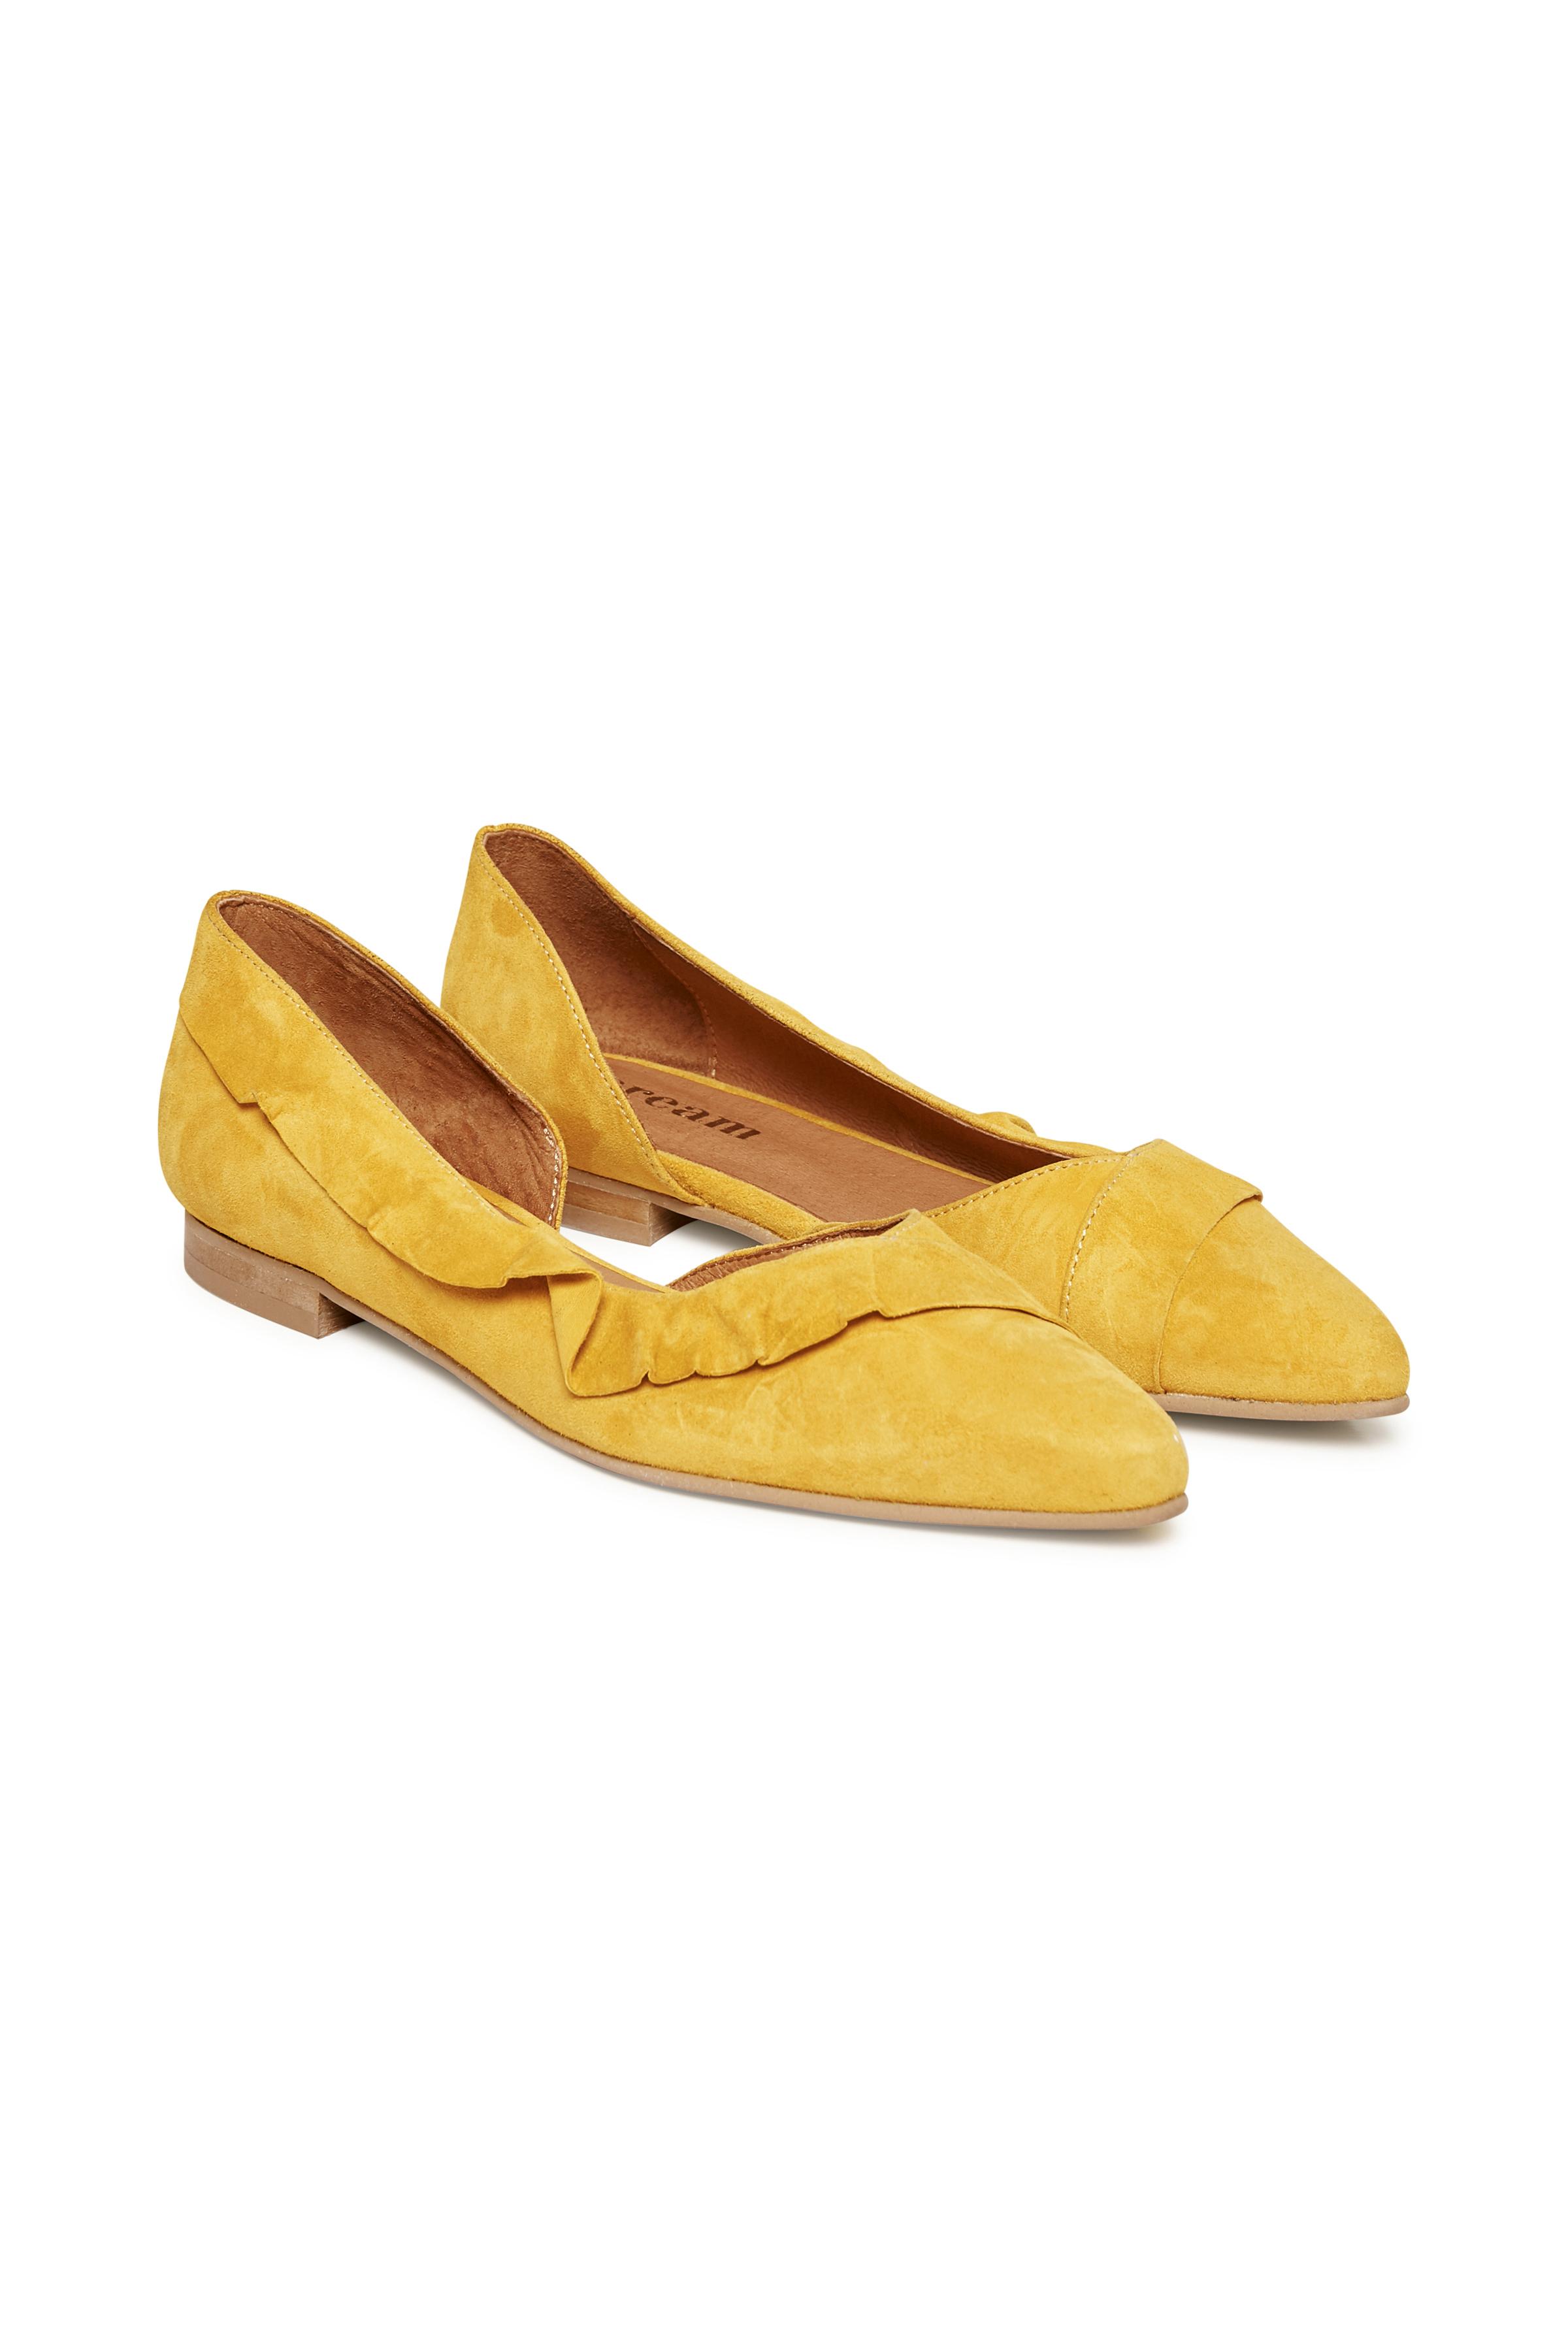 Gelb Wildlederschuhe von Cream Accessories – Shoppen Sie Gelb Wildlederschuhe ab Gr. 36-41 hier